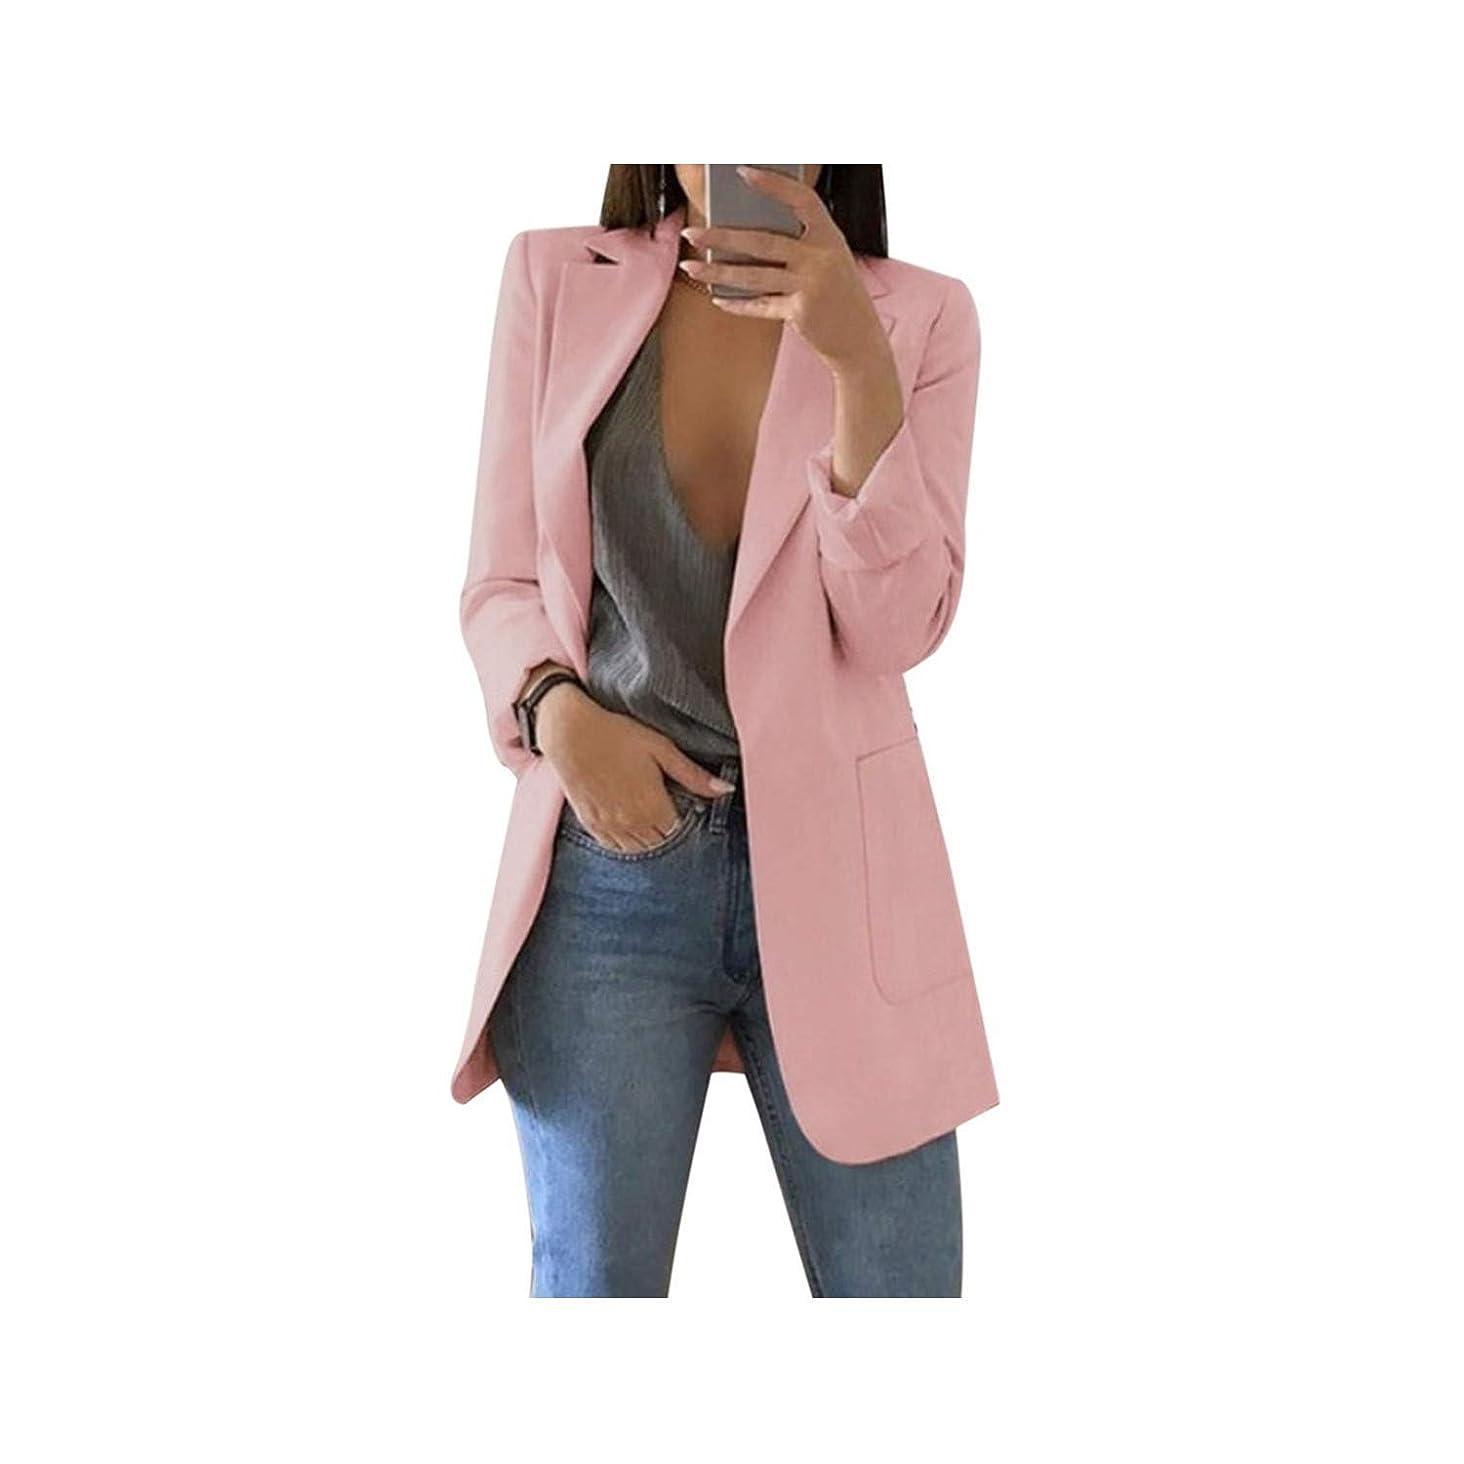 Women Solid Color Coat Lady Business Suit Jacket Suit Femme Blazer Slim Top